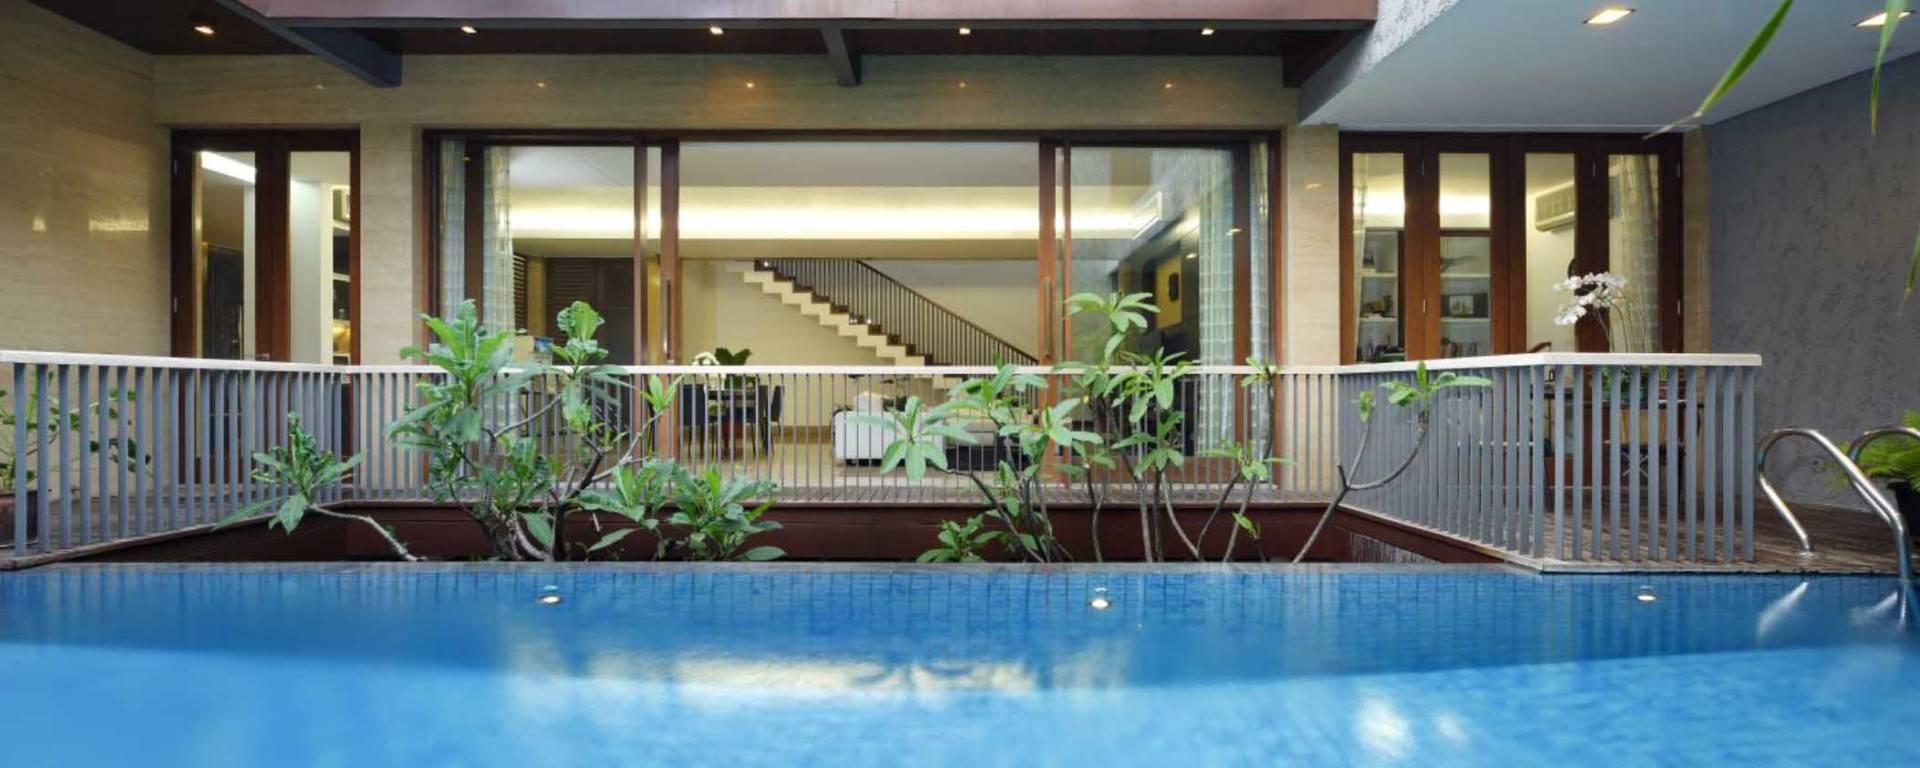 Atelier Prapanca Private Residence At Kebayoran Baru Jakarta Jakarta Swimming-Pool Tradisional  7514